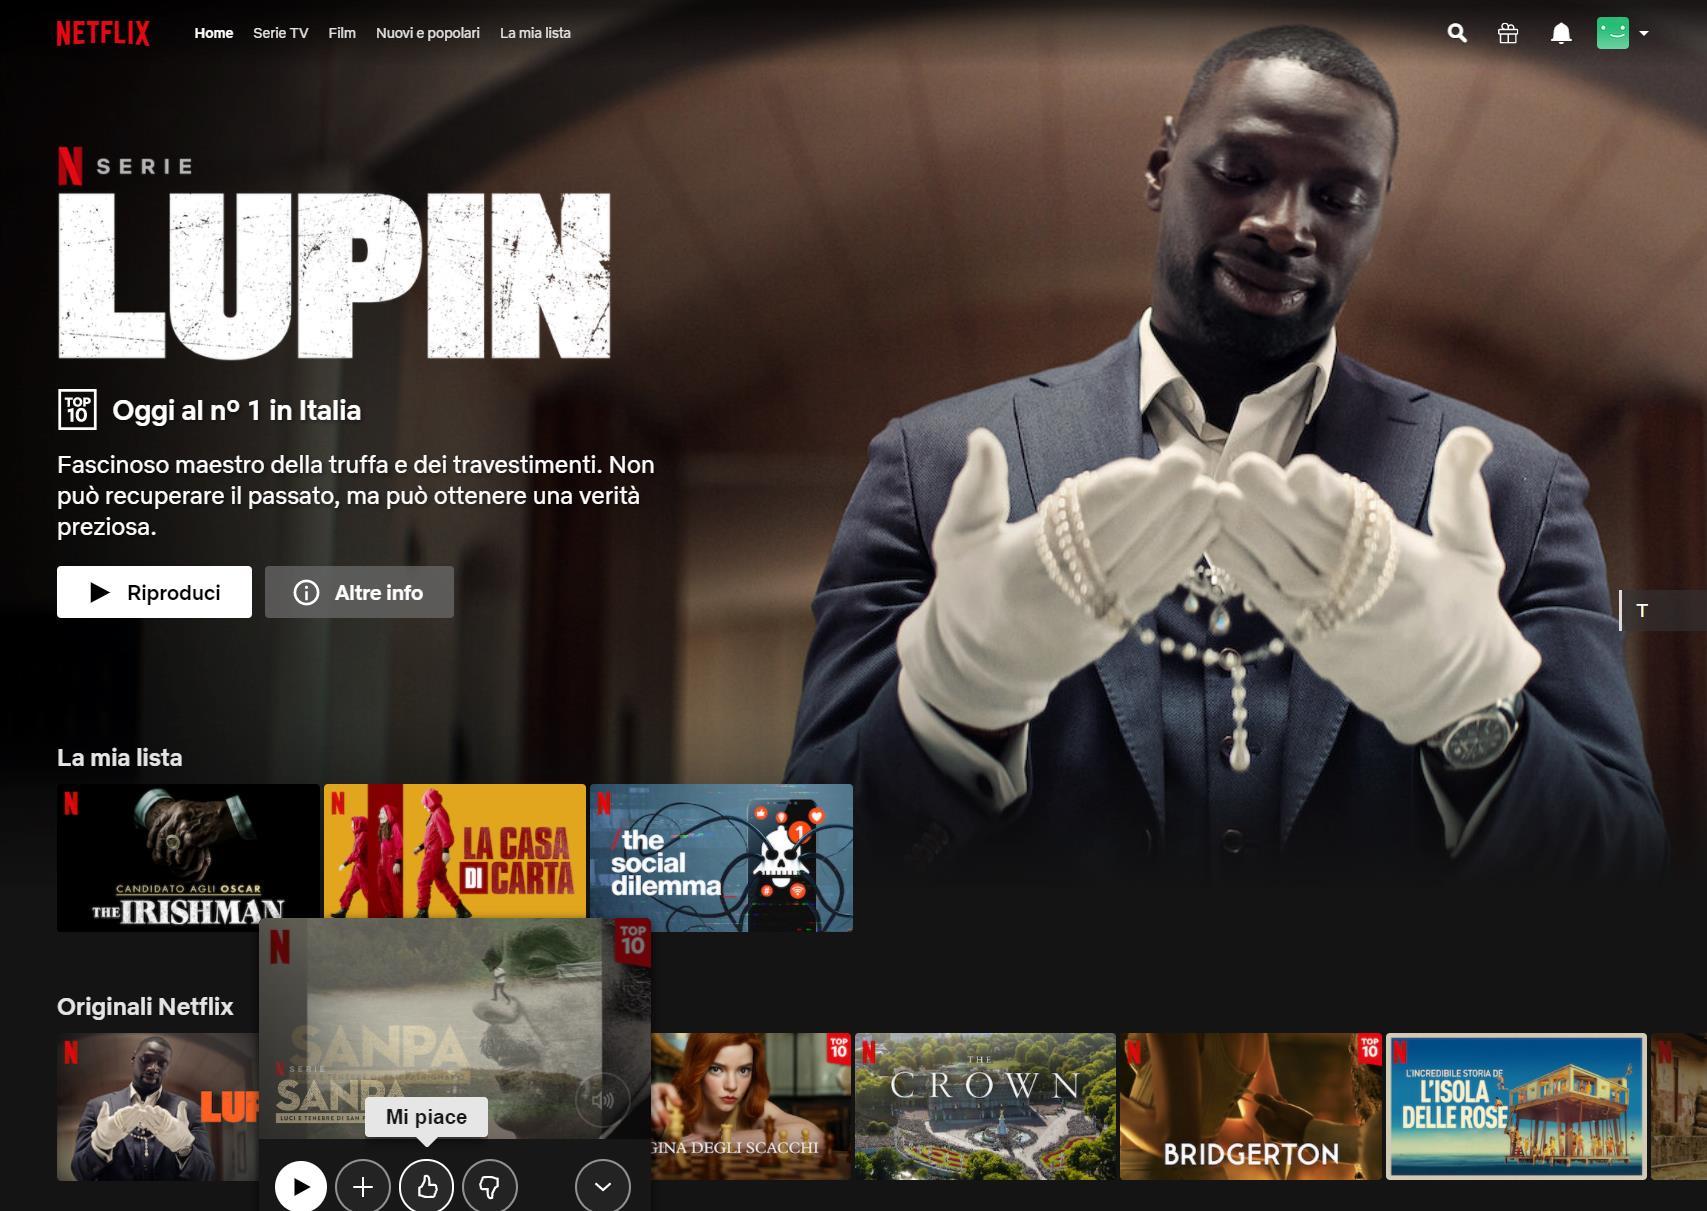 Netflix Gratis 4K HDR Schermata Iniziale Lupin